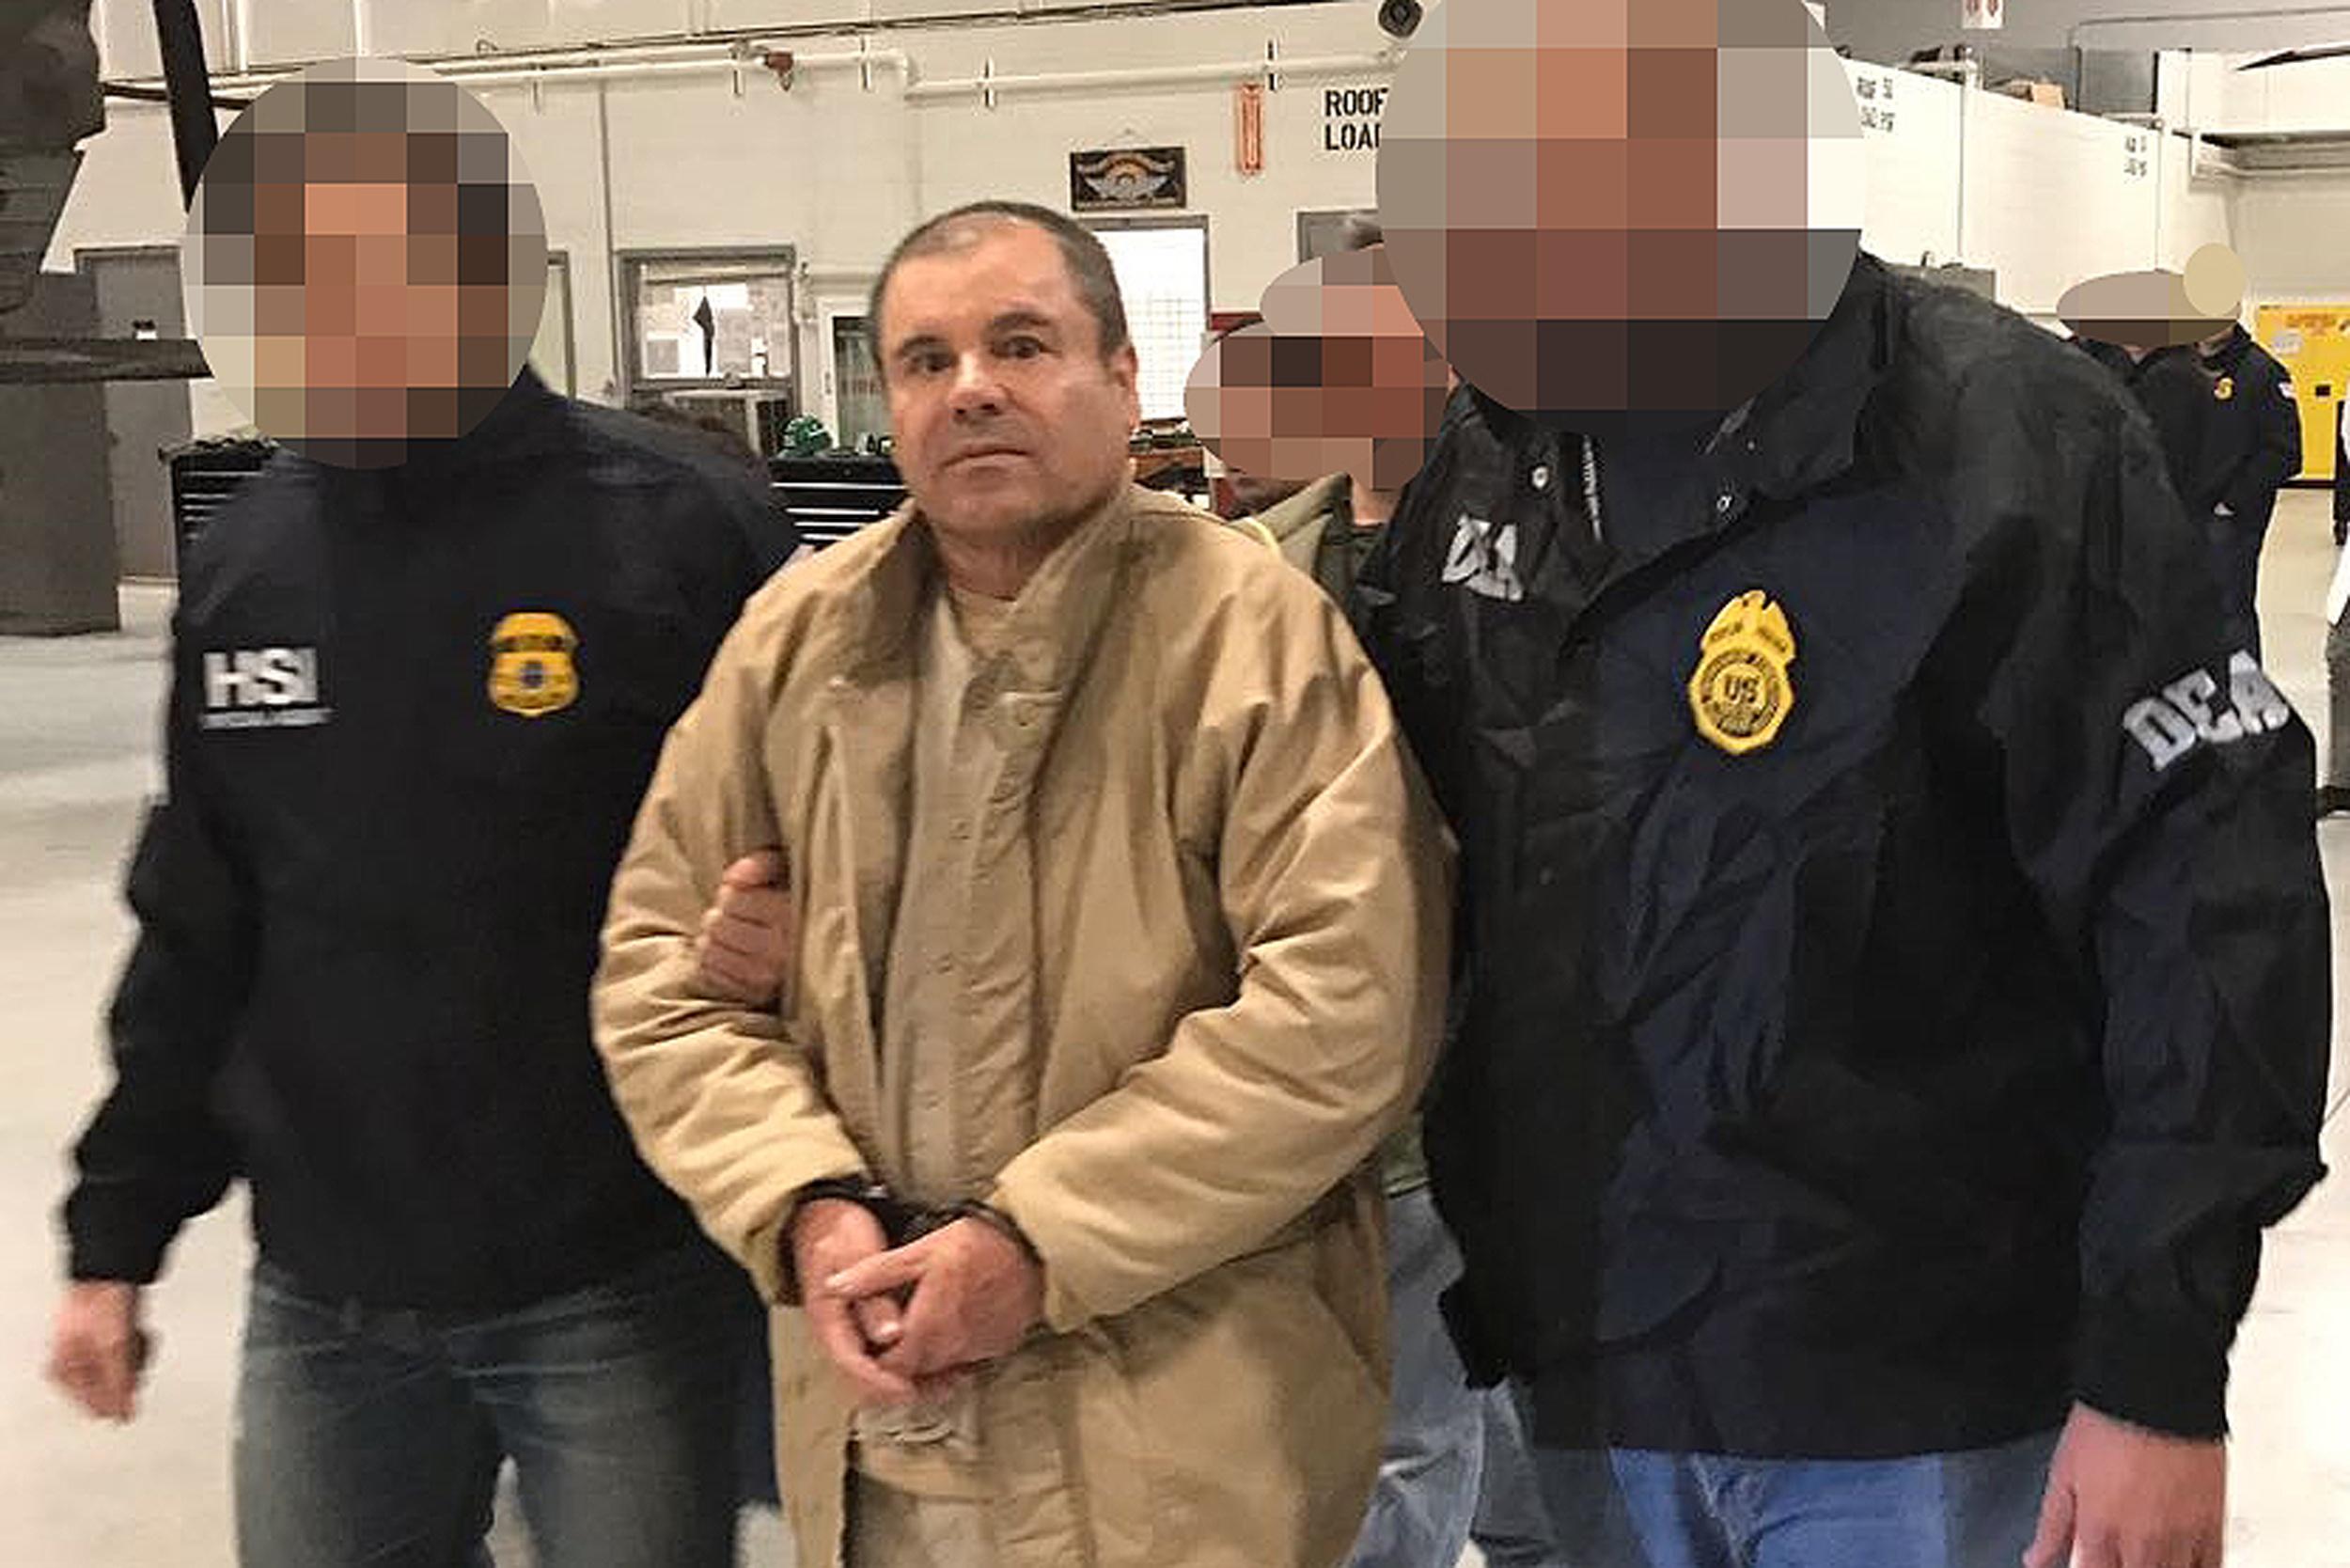 Una de las últimas fotografías del Chapo Guzmán es esta, cuando era escoltado el día que fue extraditado de México a EE. UU. (Foto Prensa Libre: Hemeroteca PL)